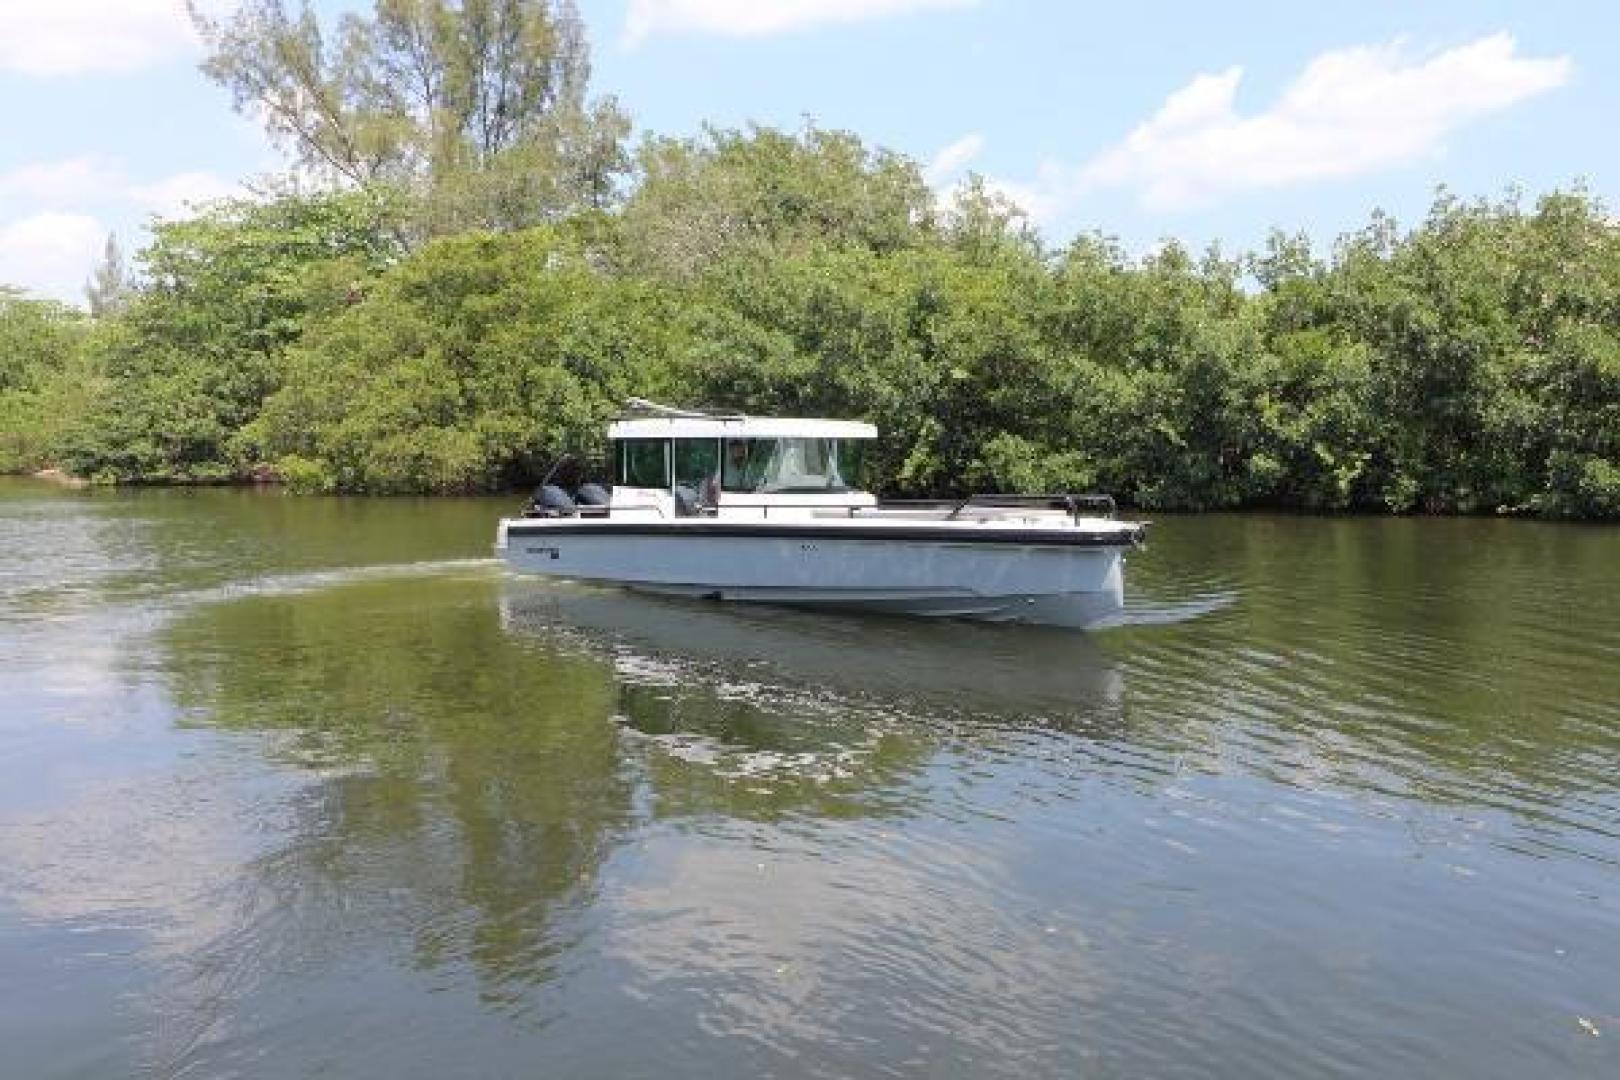 Axopar-28 CABIN 2020-Axopar 28 CABIN Palm Beach-Florida-United States-1533454 | Thumbnail